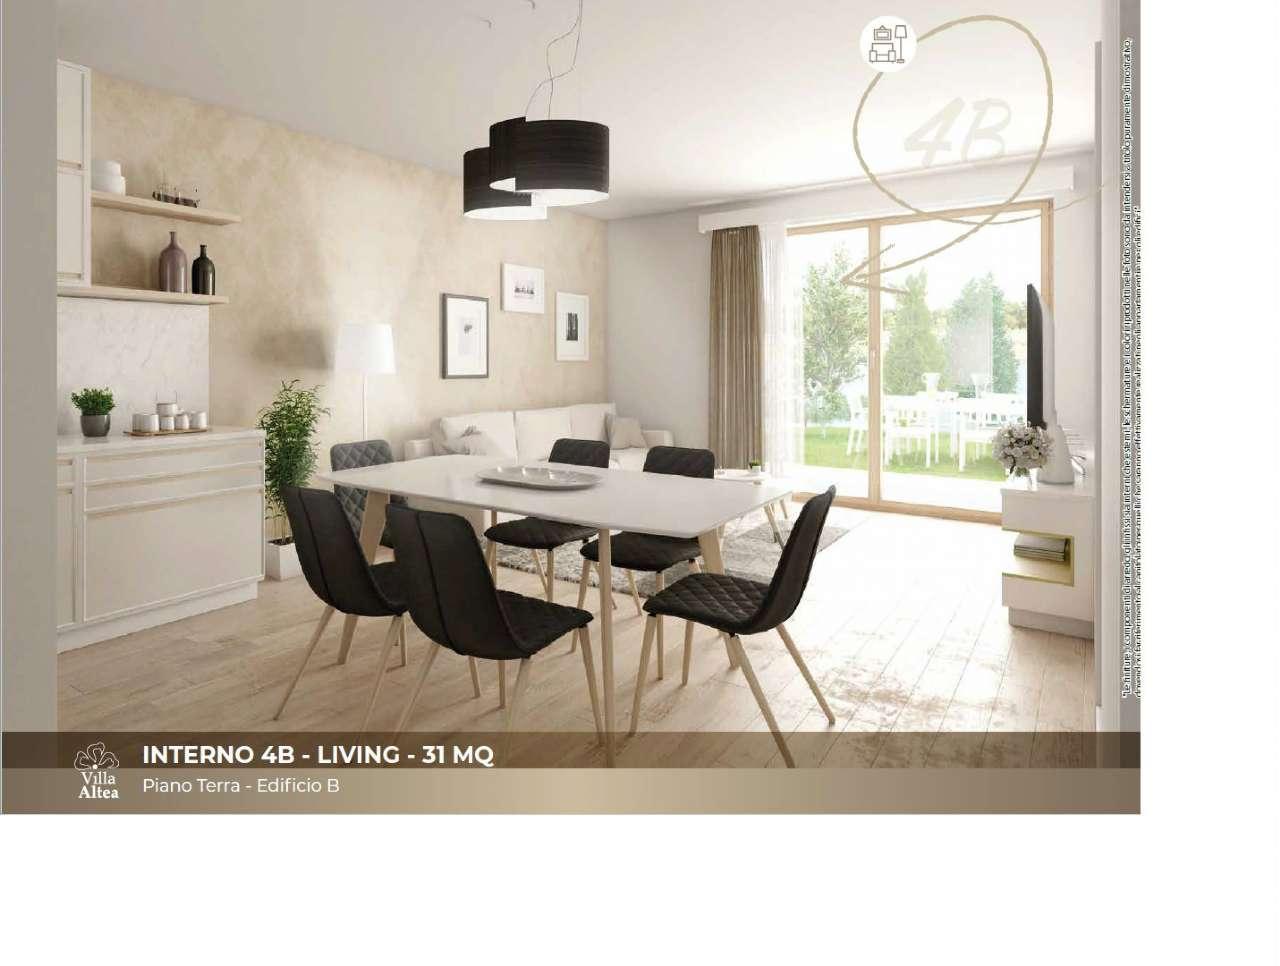 Appartamento in vendita a Roma, 3 locali, zona Zona: 1 . Centro storico, prezzo € 290.000 | CambioCasa.it